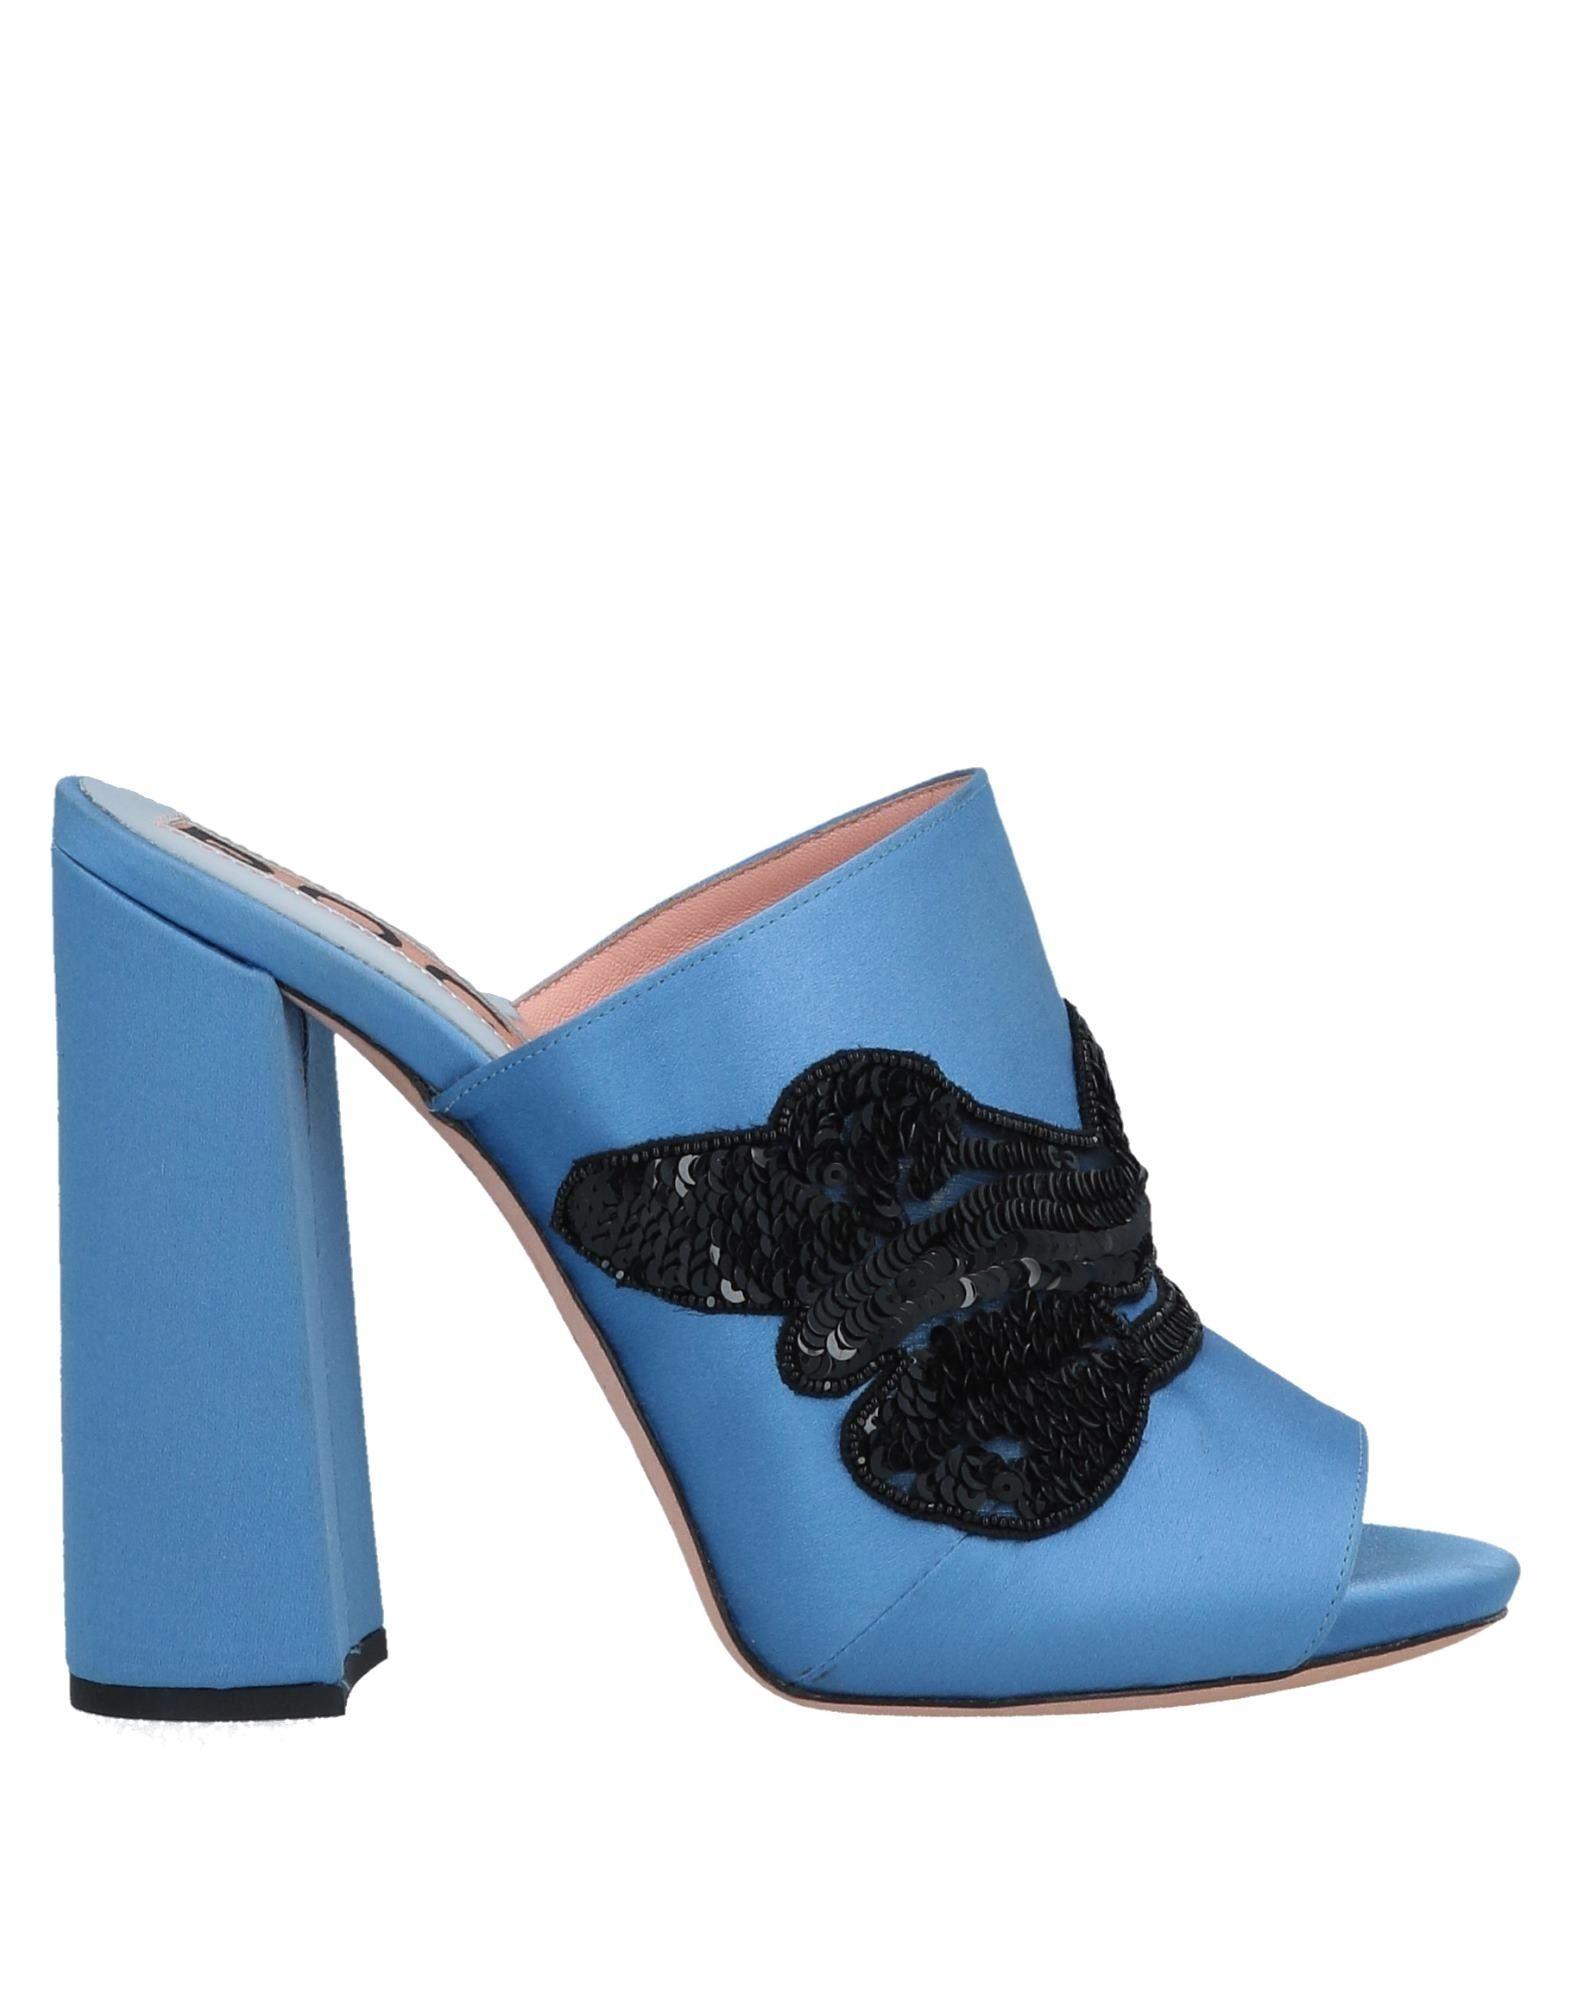 《送料無料》ROCHAS レディース サンダル ブライトブルー 36.5 紡績繊維